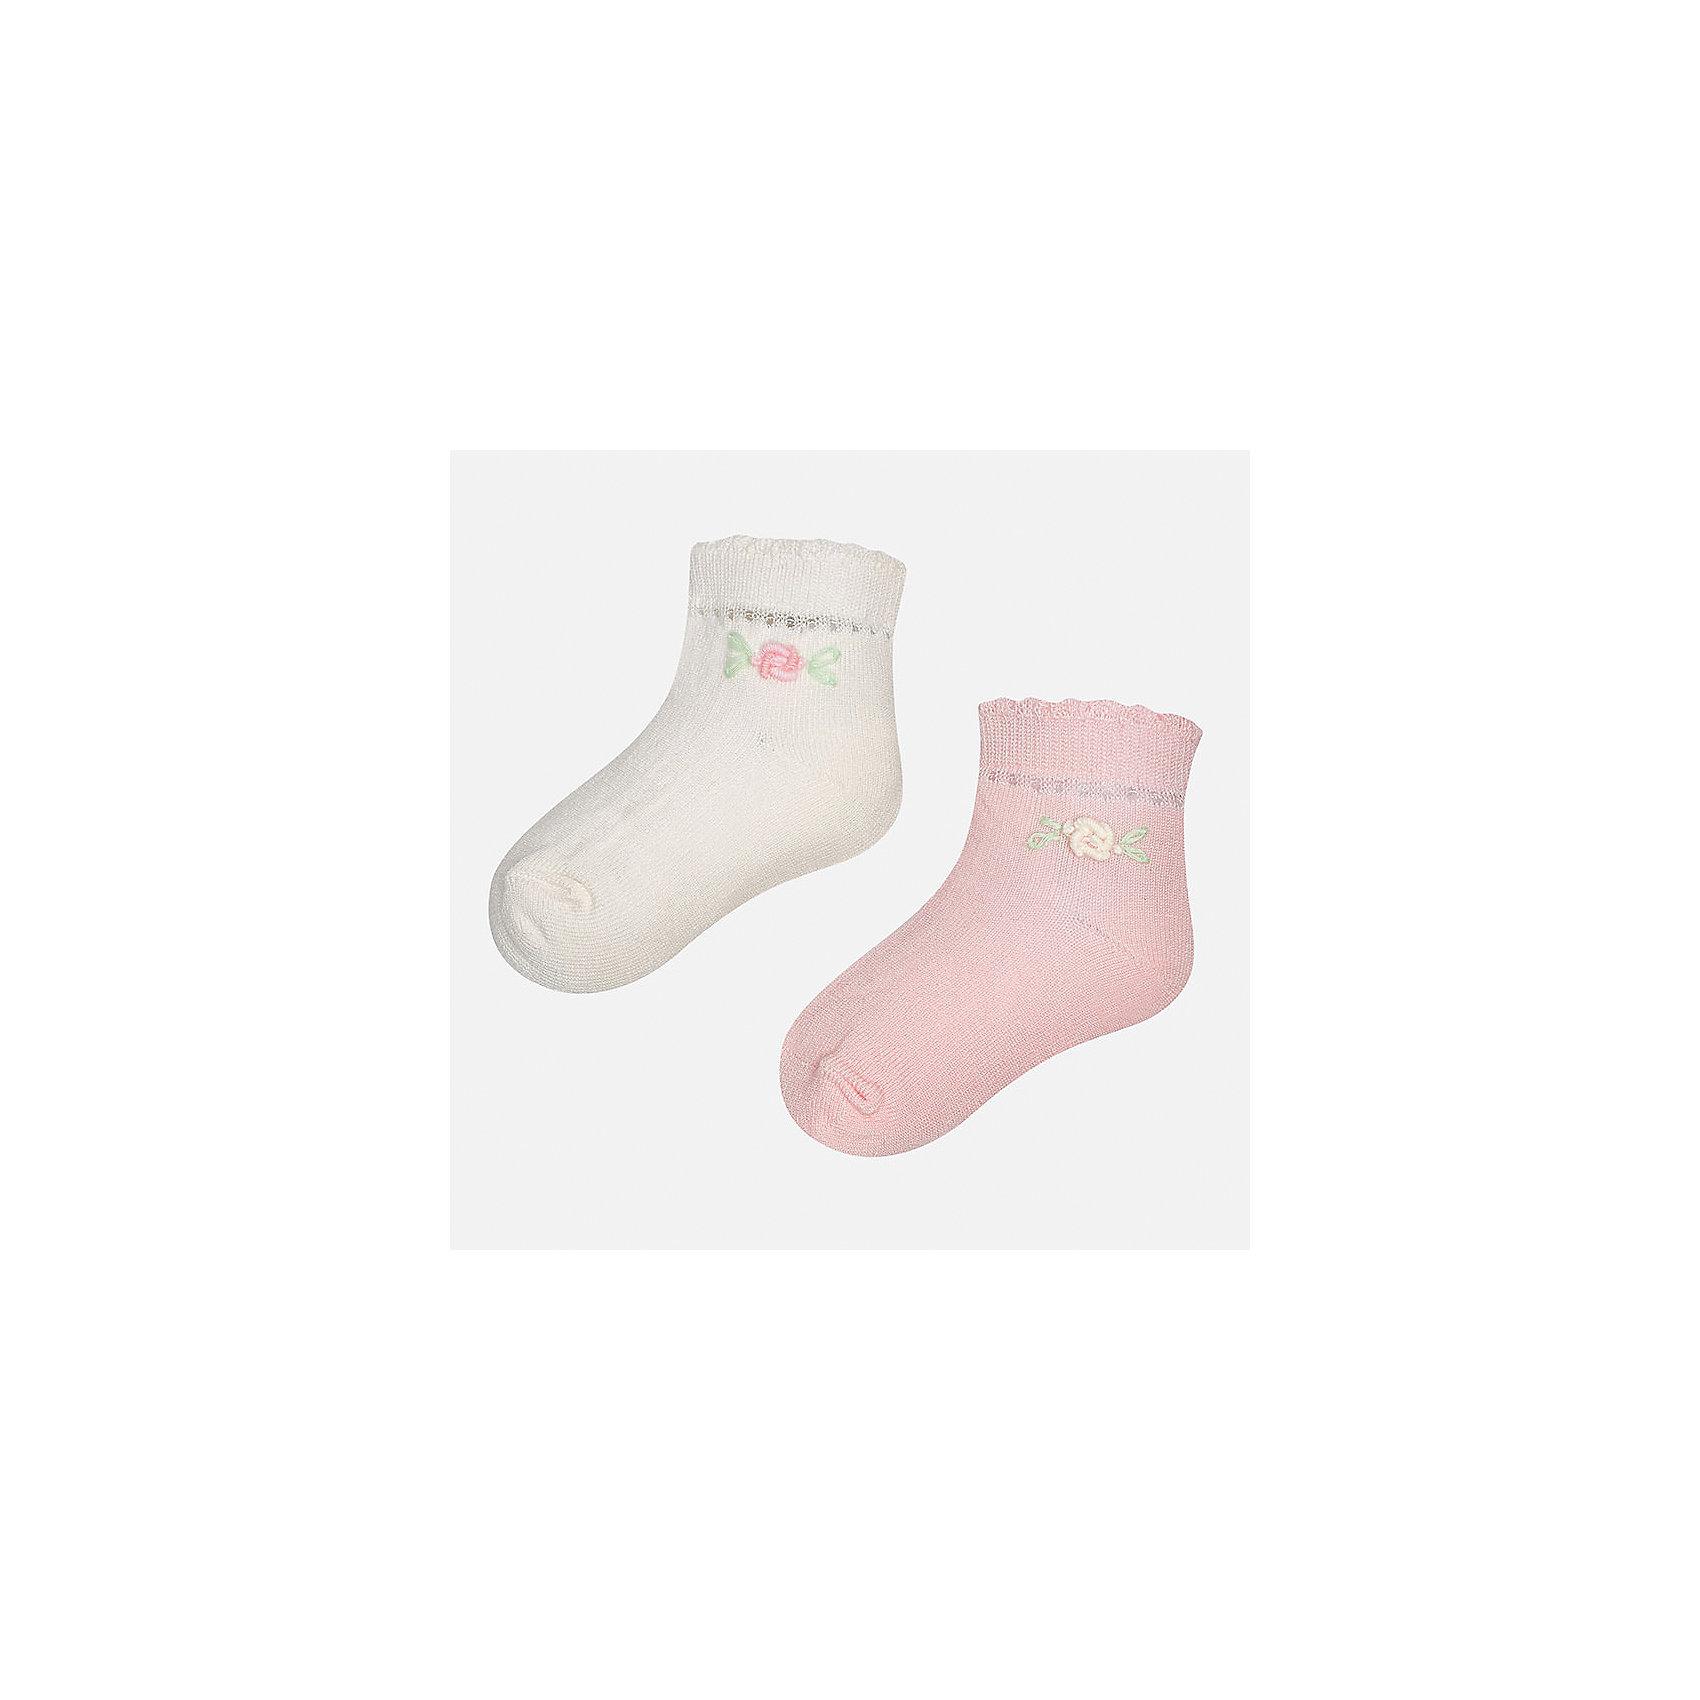 Носки (2 пары) для девочки MayoralНоски<br>Характеристики товара:<br><br>• цвет: белый/розовый<br>• состав: 74% хлопок, 23% полиамид, 3% эластан<br>• комплектация: две пары<br>• мягкая ажурная резинка<br>• эластичный материал<br>• декорированы объемными цветами<br>• страна бренда: Испания<br><br>Удобные симпатичные носки для девочки помогут обеспечить ребенку комфорт и дополнить наряд. Универсальный цвет позволяет надевать их под обувь разных расцветок. Носки удобно сидят на ноге и красиво смотрятся. В составе материала - натуральный хлопок, гипоаллергенный, приятный на ощупь, дышащий. <br><br>Одежда, обувь и аксессуары от испанского бренда Mayoral полюбились детям и взрослым по всему миру. Модели этой марки - стильные и удобные. Для их производства используются только безопасные, качественные материалы и фурнитура. Порадуйте ребенка модными и красивыми вещами от Mayoral! <br><br>Носки (2 пары) для девочки от испанского бренда Mayoral (Майорал) можно купить в нашем интернет-магазине.<br><br>Ширина мм: 87<br>Глубина мм: 10<br>Высота мм: 105<br>Вес г: 115<br>Цвет: розовый<br>Возраст от месяцев: 21<br>Возраст до месяцев: 24<br>Пол: Женский<br>Возраст: Детский<br>Размер: 24,12<br>SKU: 5293376